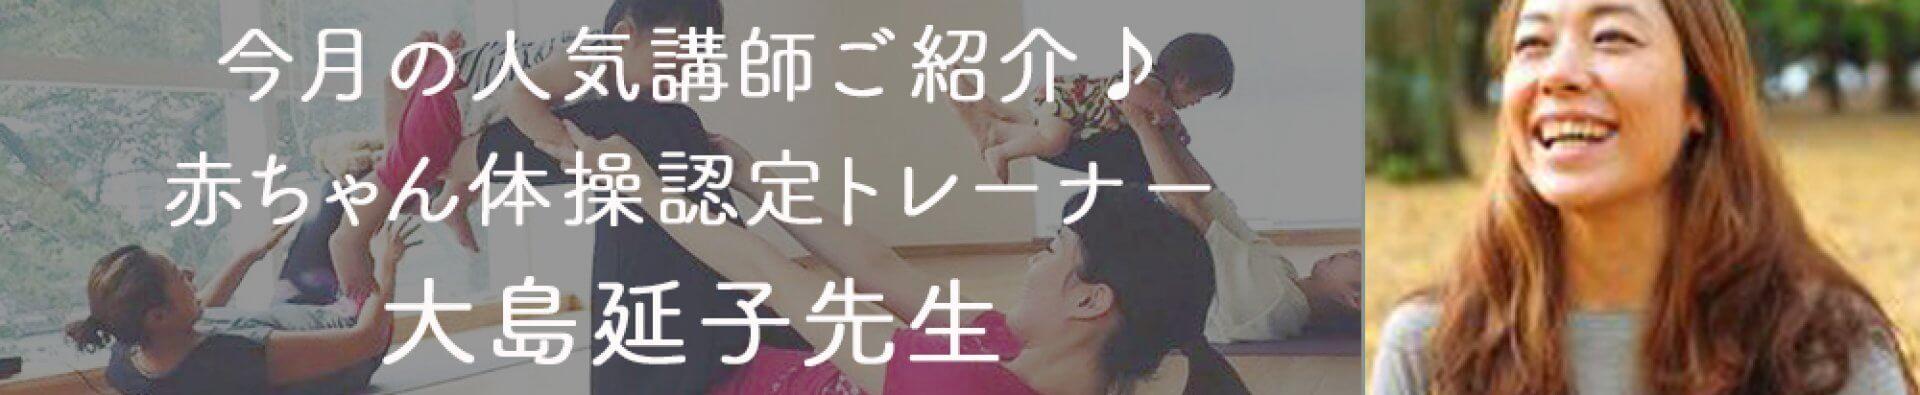 cropped-_大島延子先生-1.jpg